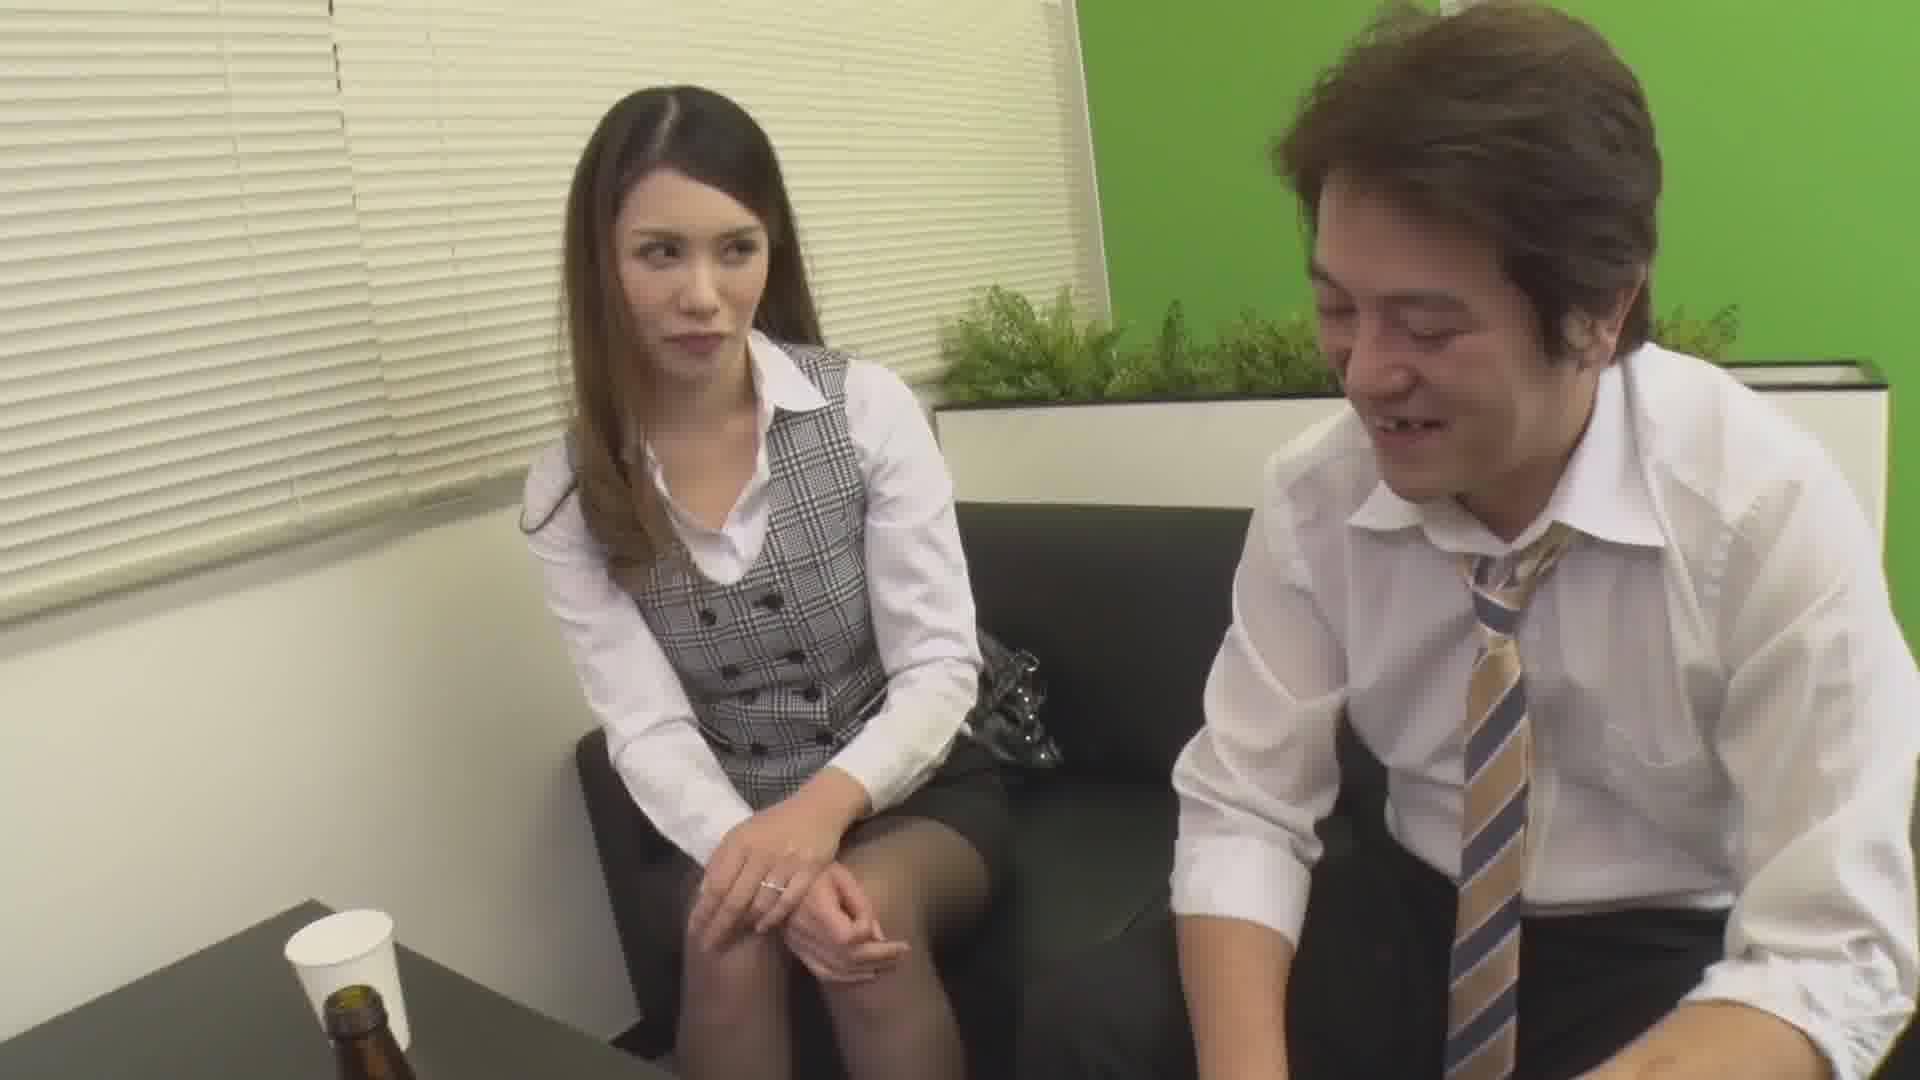 誰もいないオフィスで酔っ払った上司に抱かれました - 上山奈々【巨乳・パイズリ・OL】